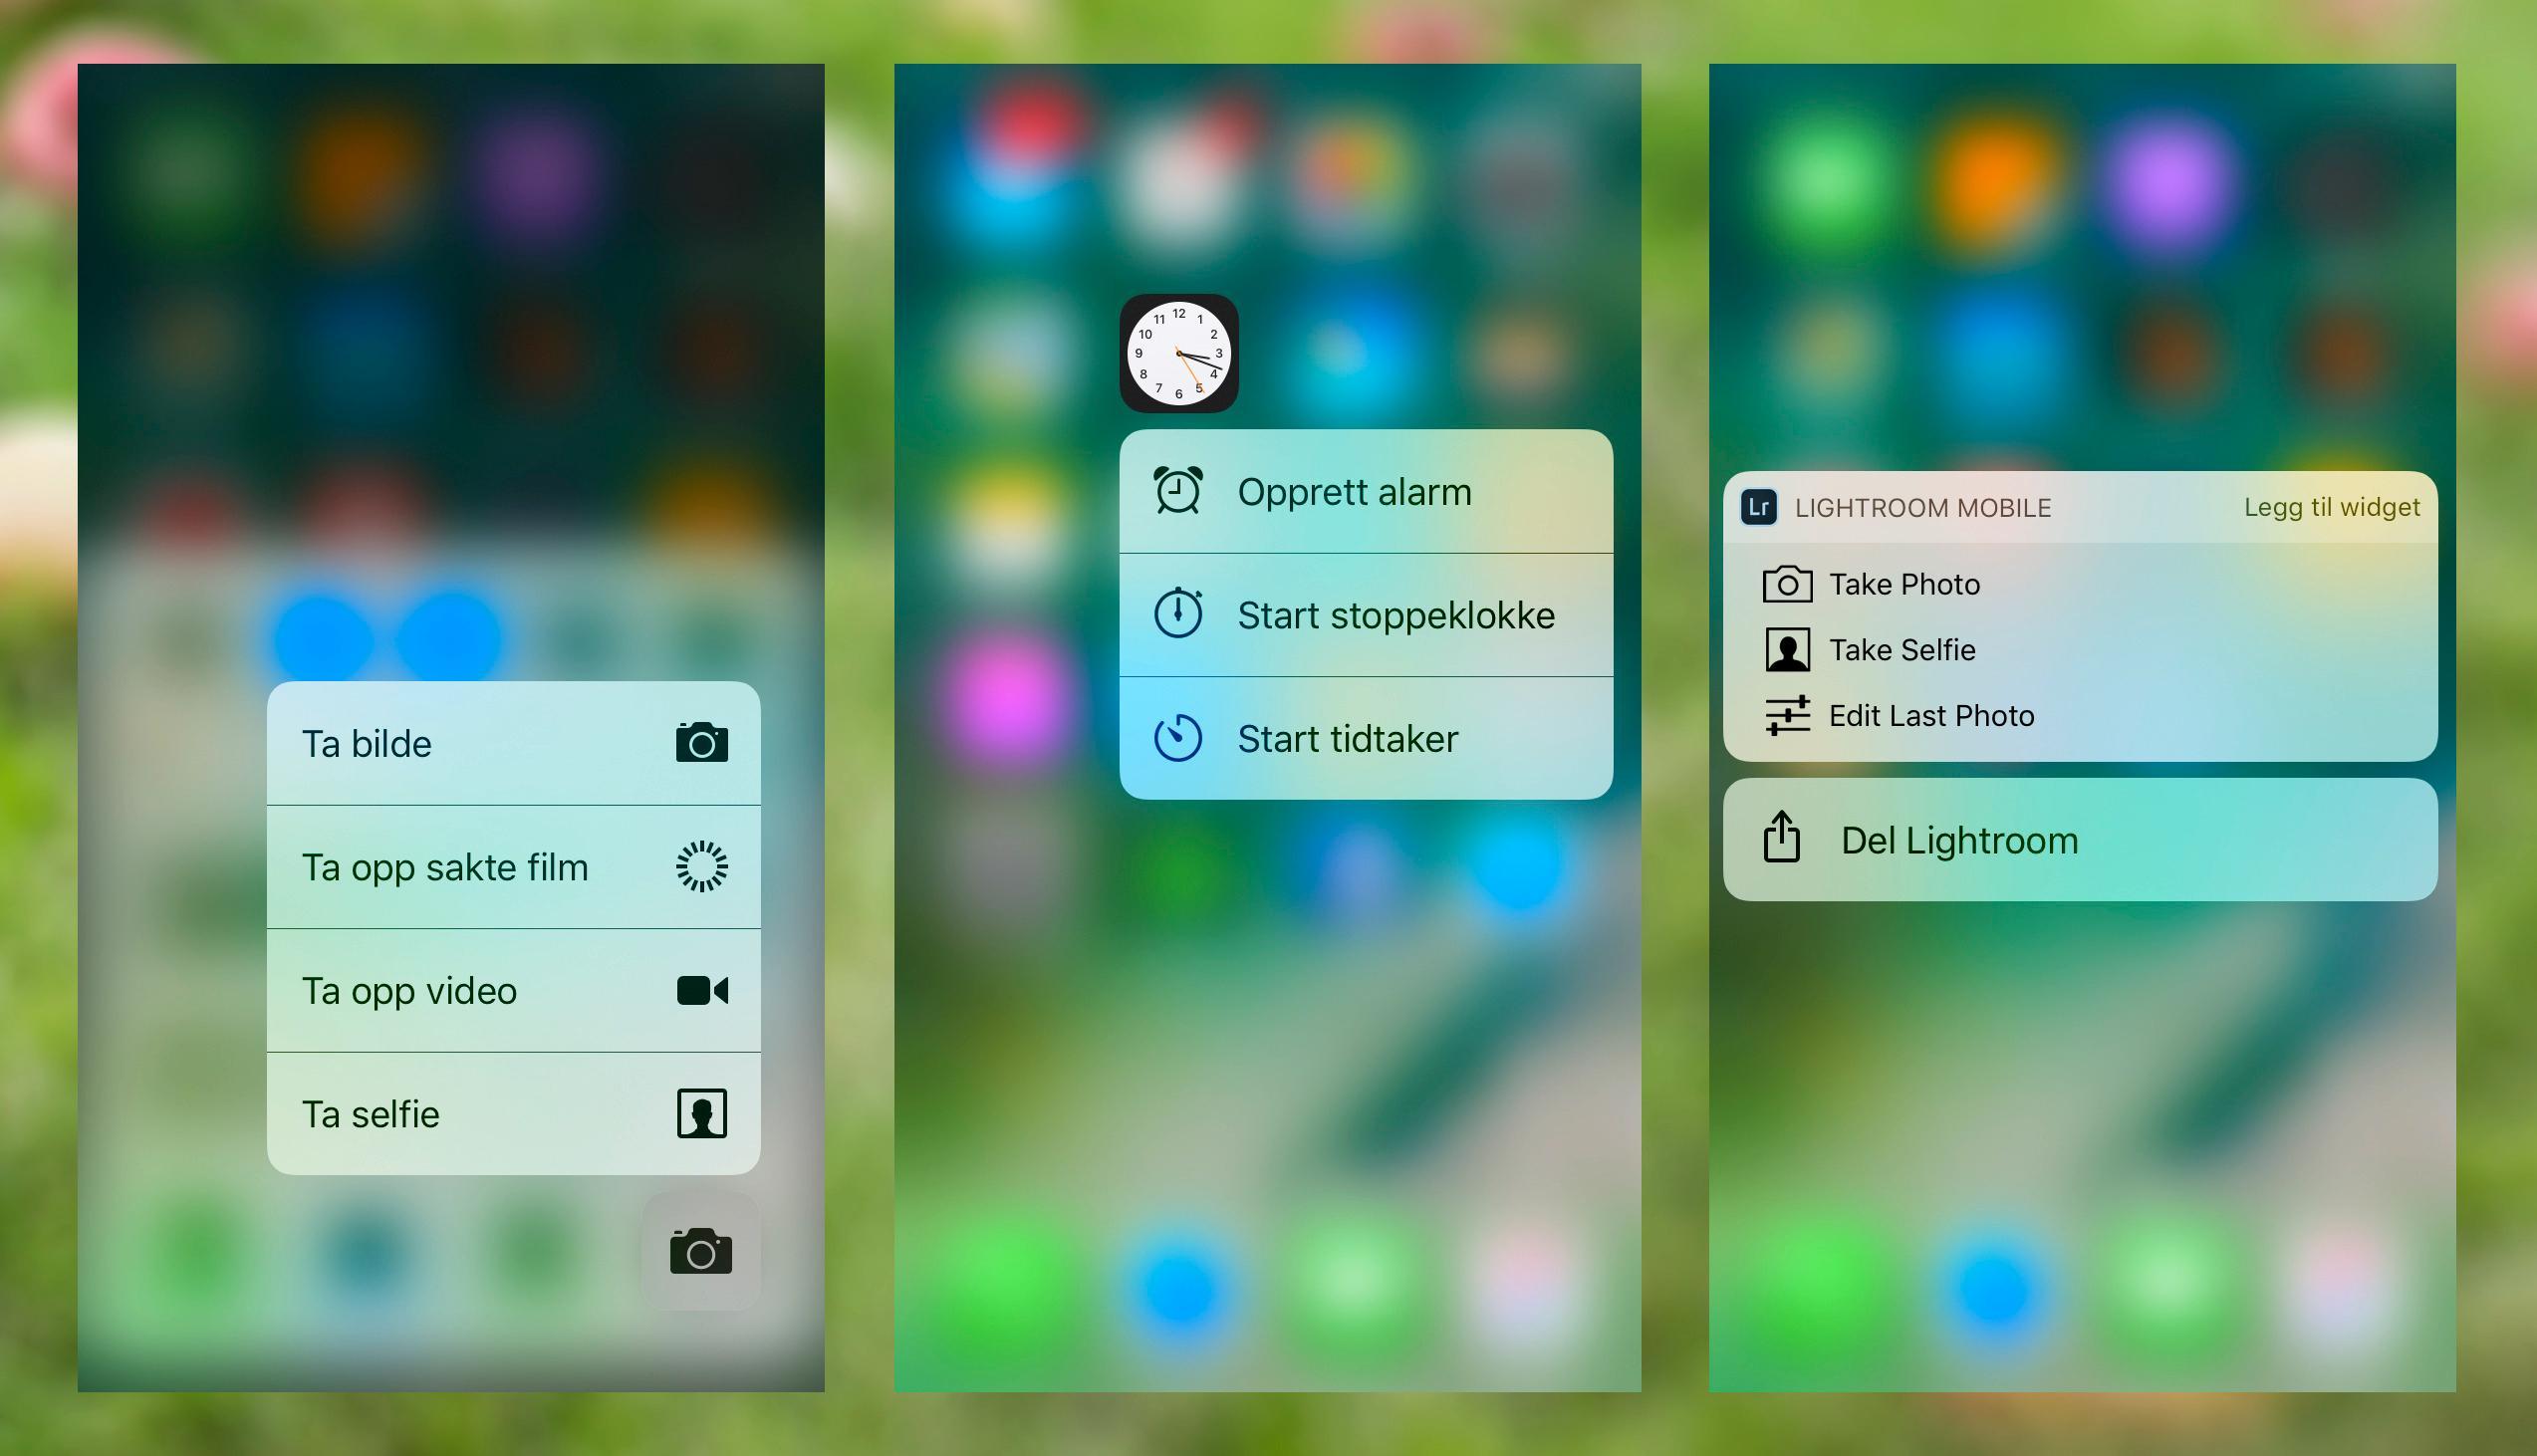 3D Touch gjennomsyrer stadig mer av iOS, og løsningen integreres også godt i tredjeparts apper.